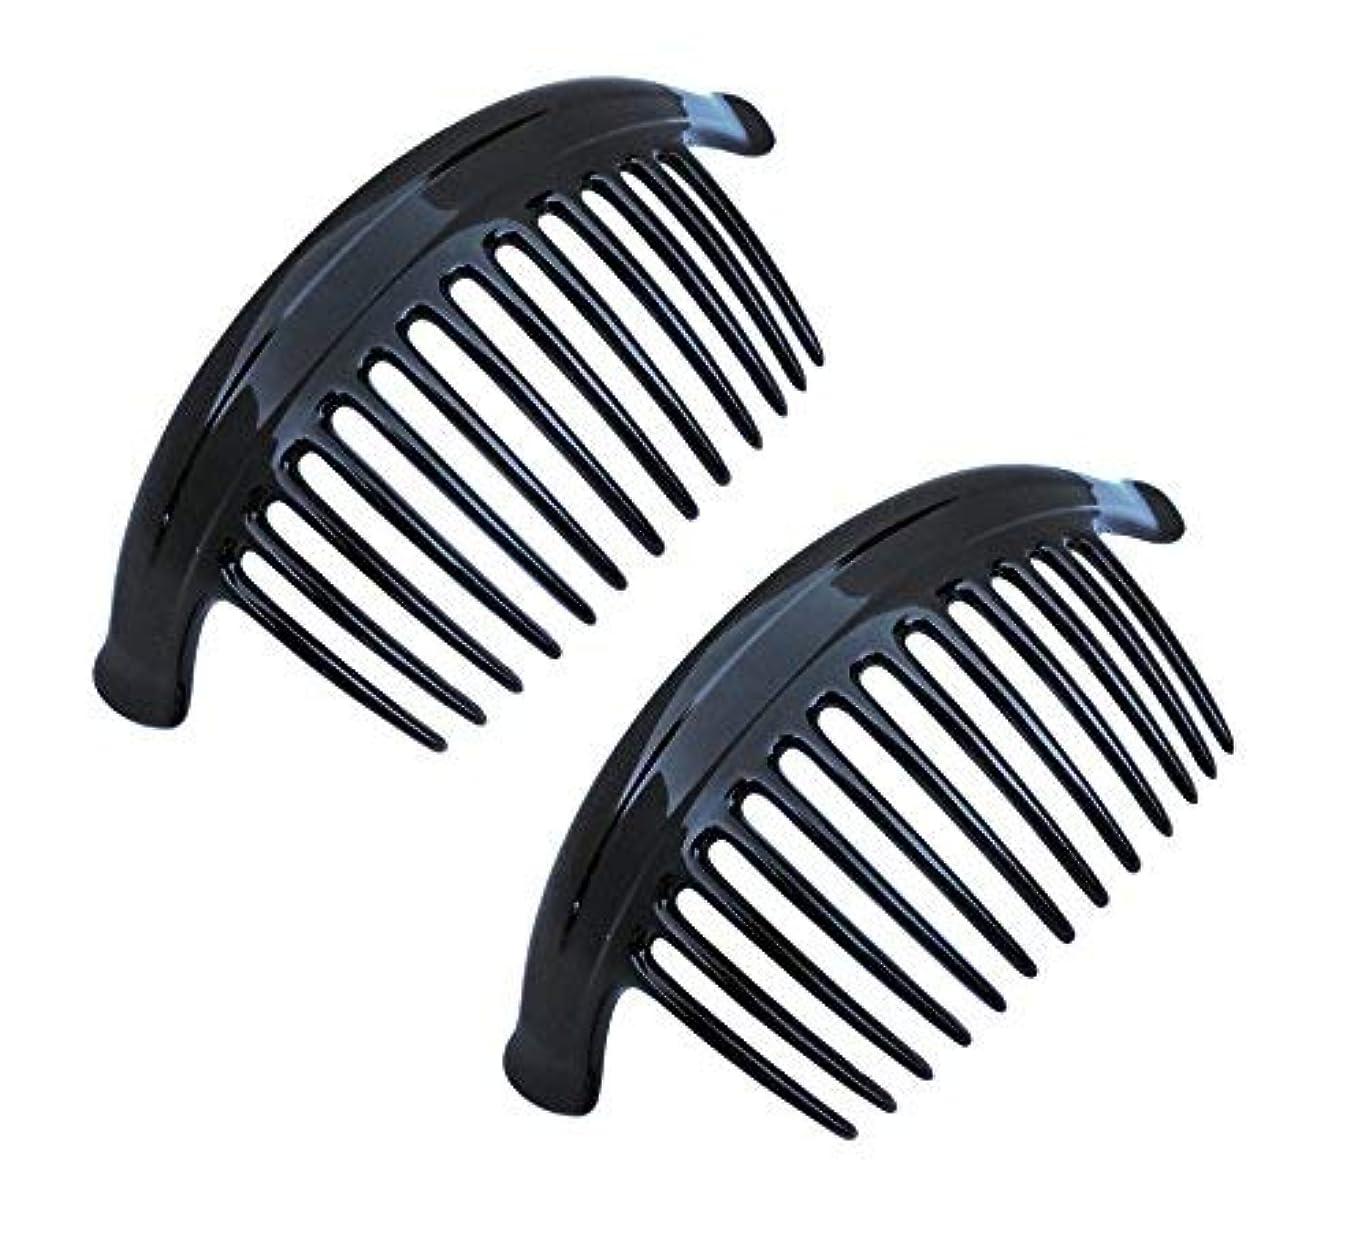 ウイルス詩人想像力豊かなParcelona French Arch Extra Large Black 13 Teeth Interlocking Side Hair Combs Pair [並行輸入品]